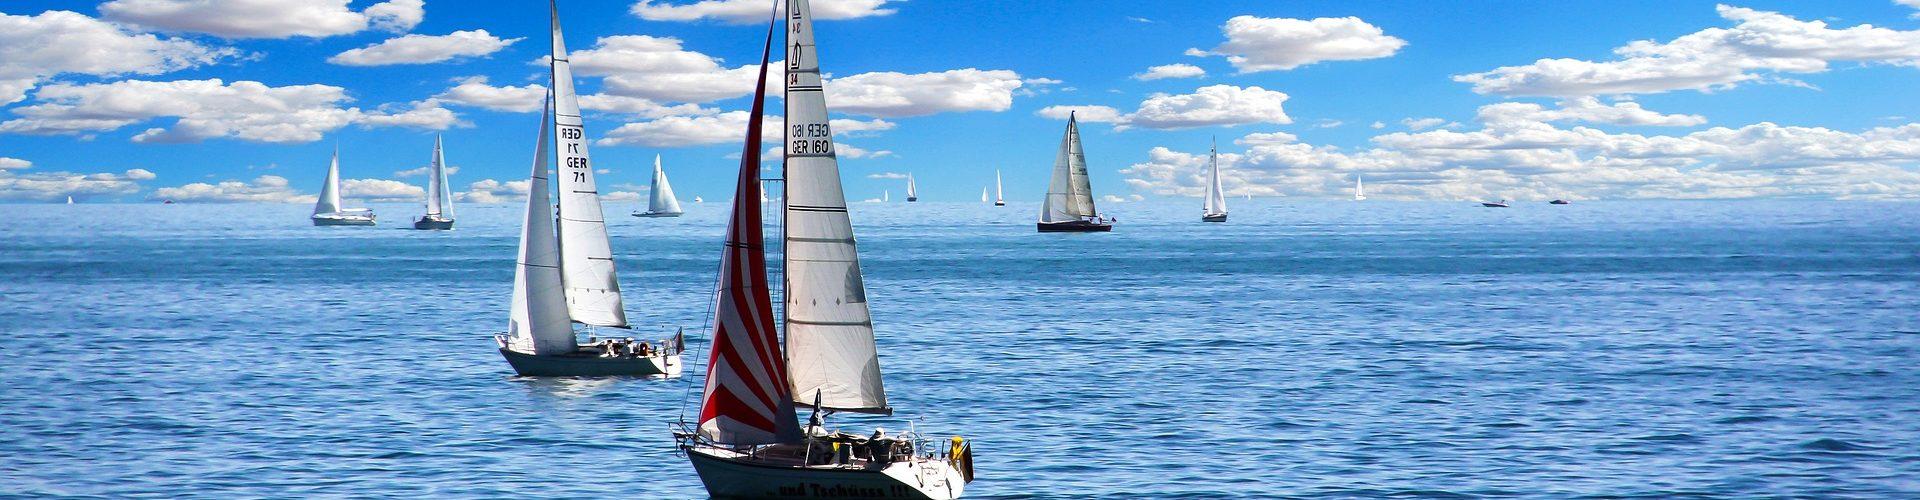 segeln lernen in Spelle segelschein machen in Spelle 1920x500 - Segeln lernen in Spelle